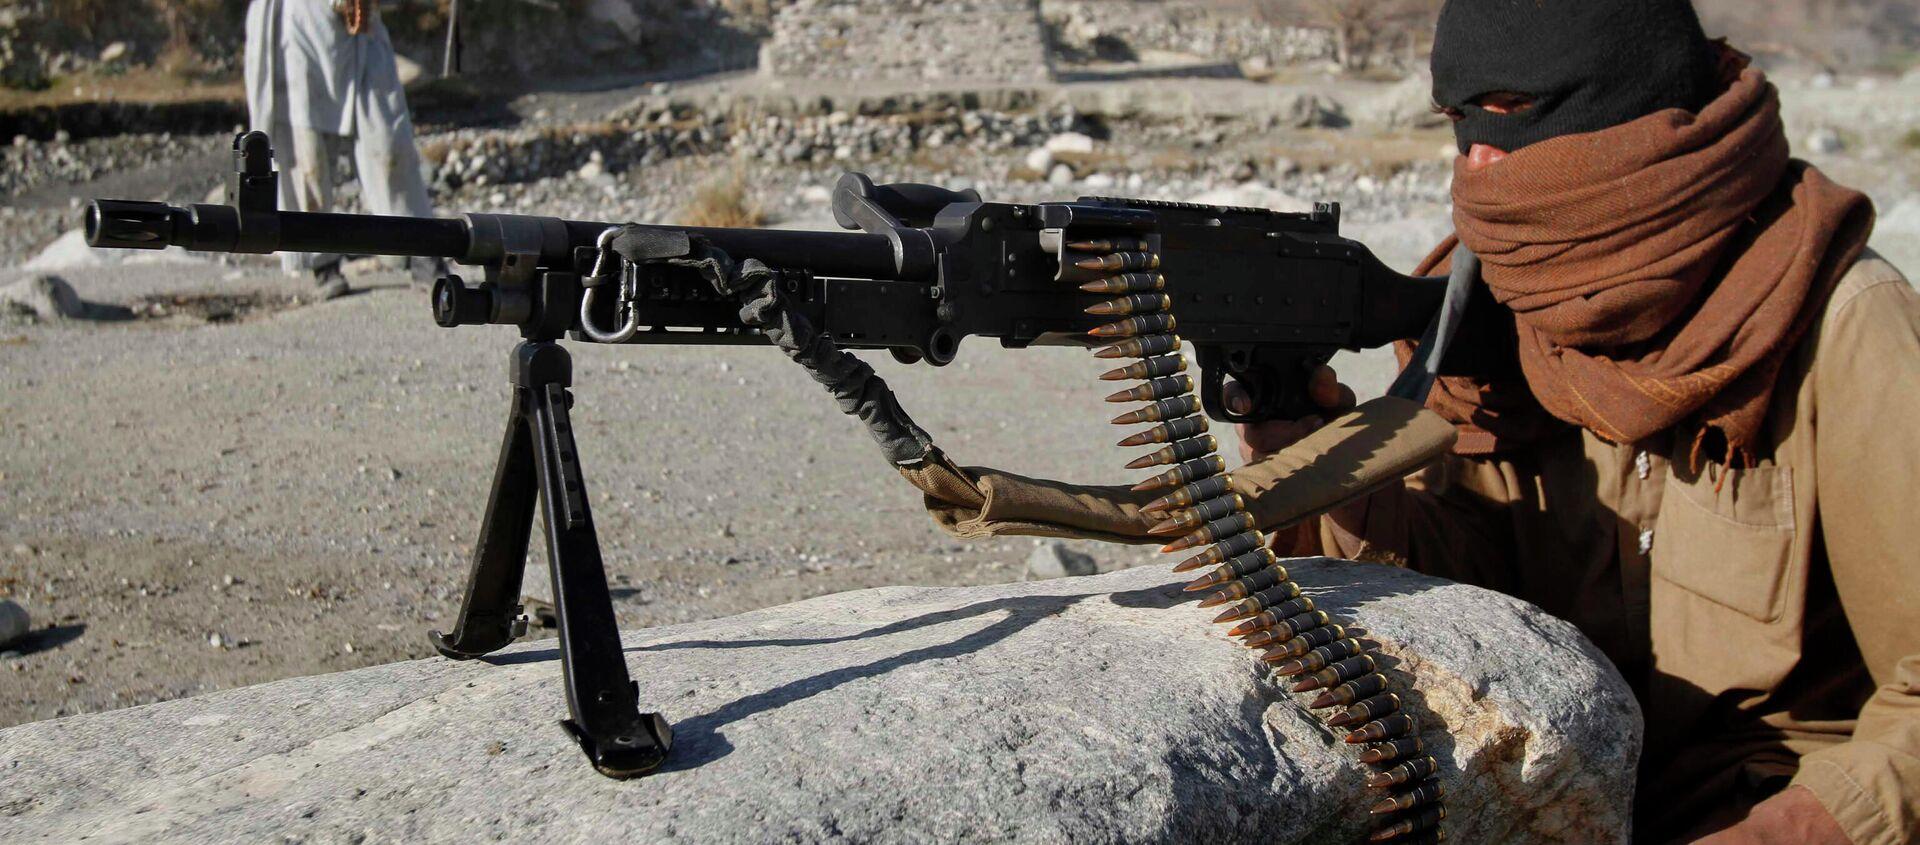 Dân quân phong trào cực đoan Taliban ở Afghanistan. - Sputnik Việt Nam, 1920, 27.04.2021